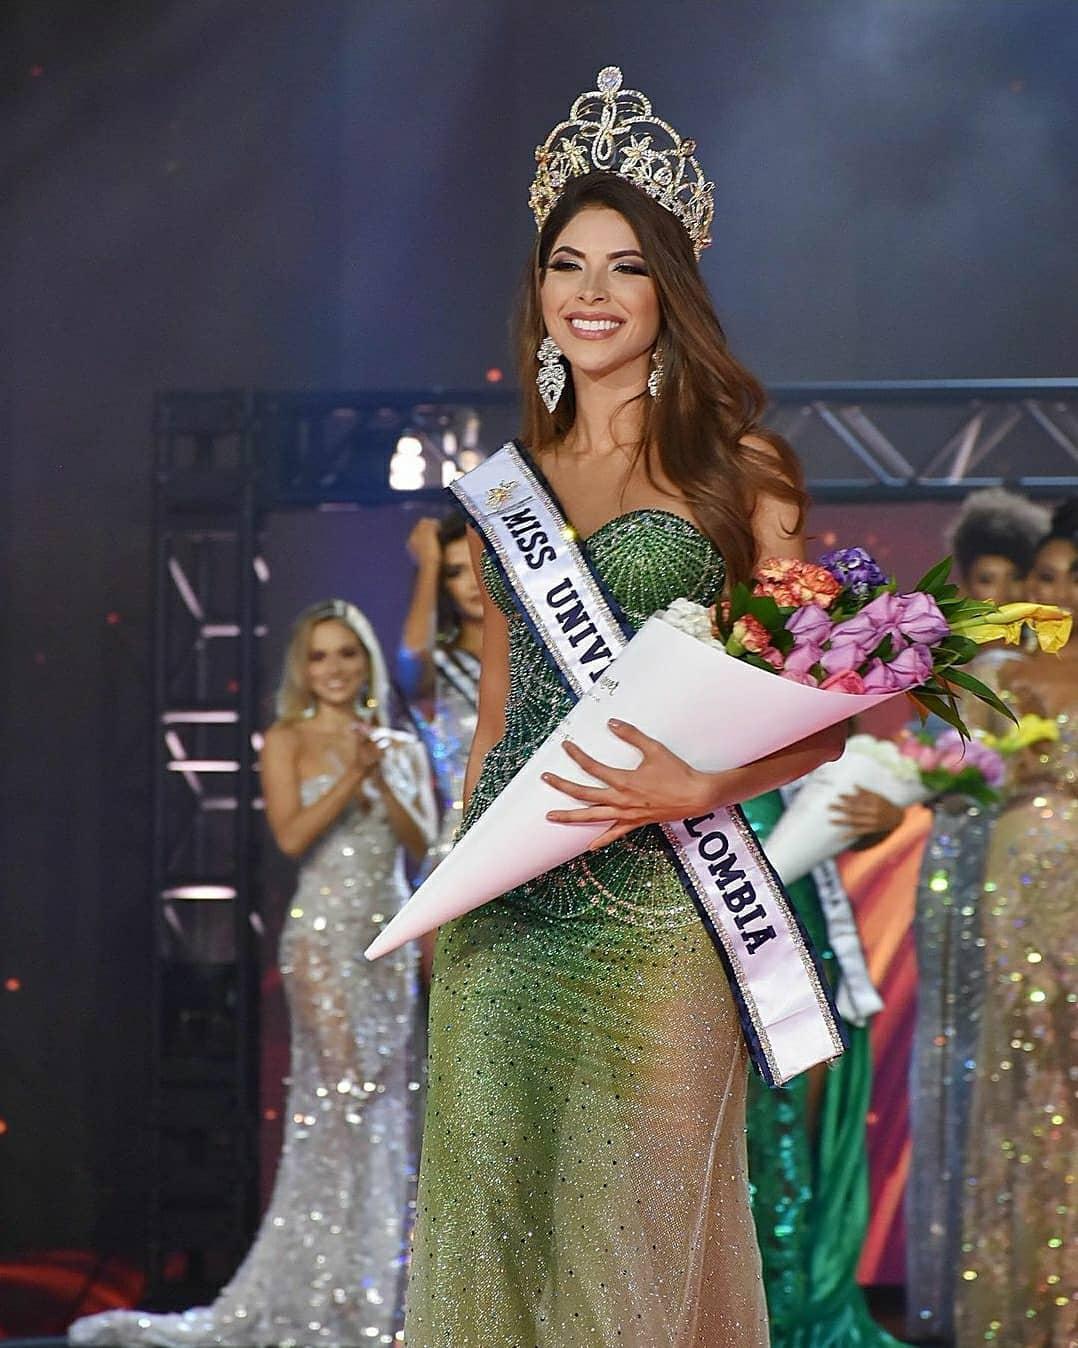 laura olascuaga, miss colombia universo 2020. - Página 5 Reigni10